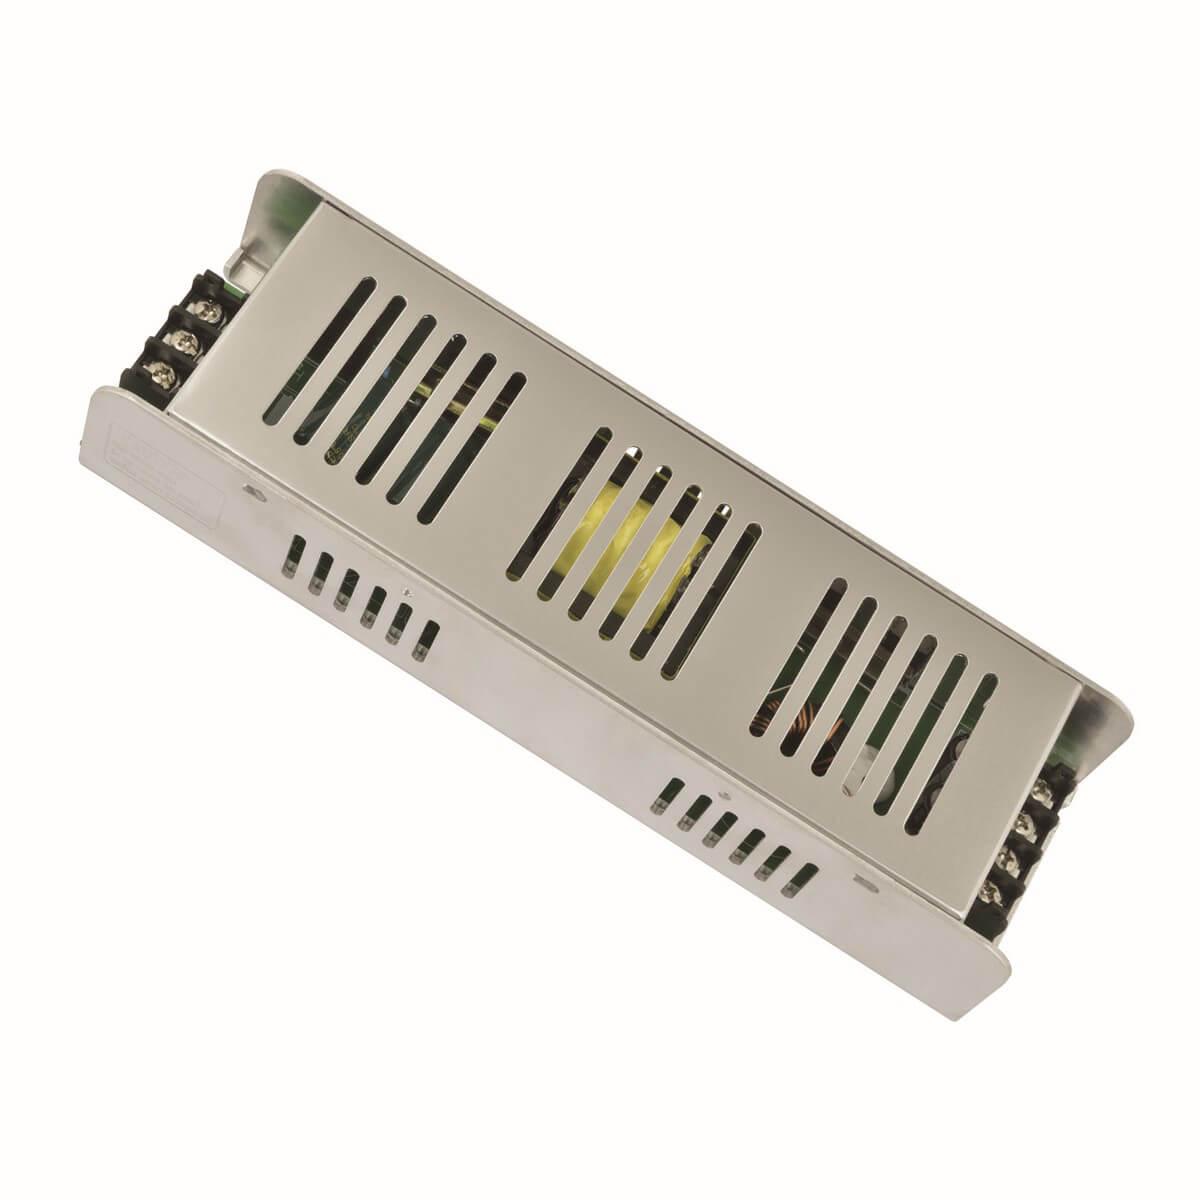 Блок питания Uniel UET-VAS-200B20 UET-VAS блок питания estares vas 24200d023